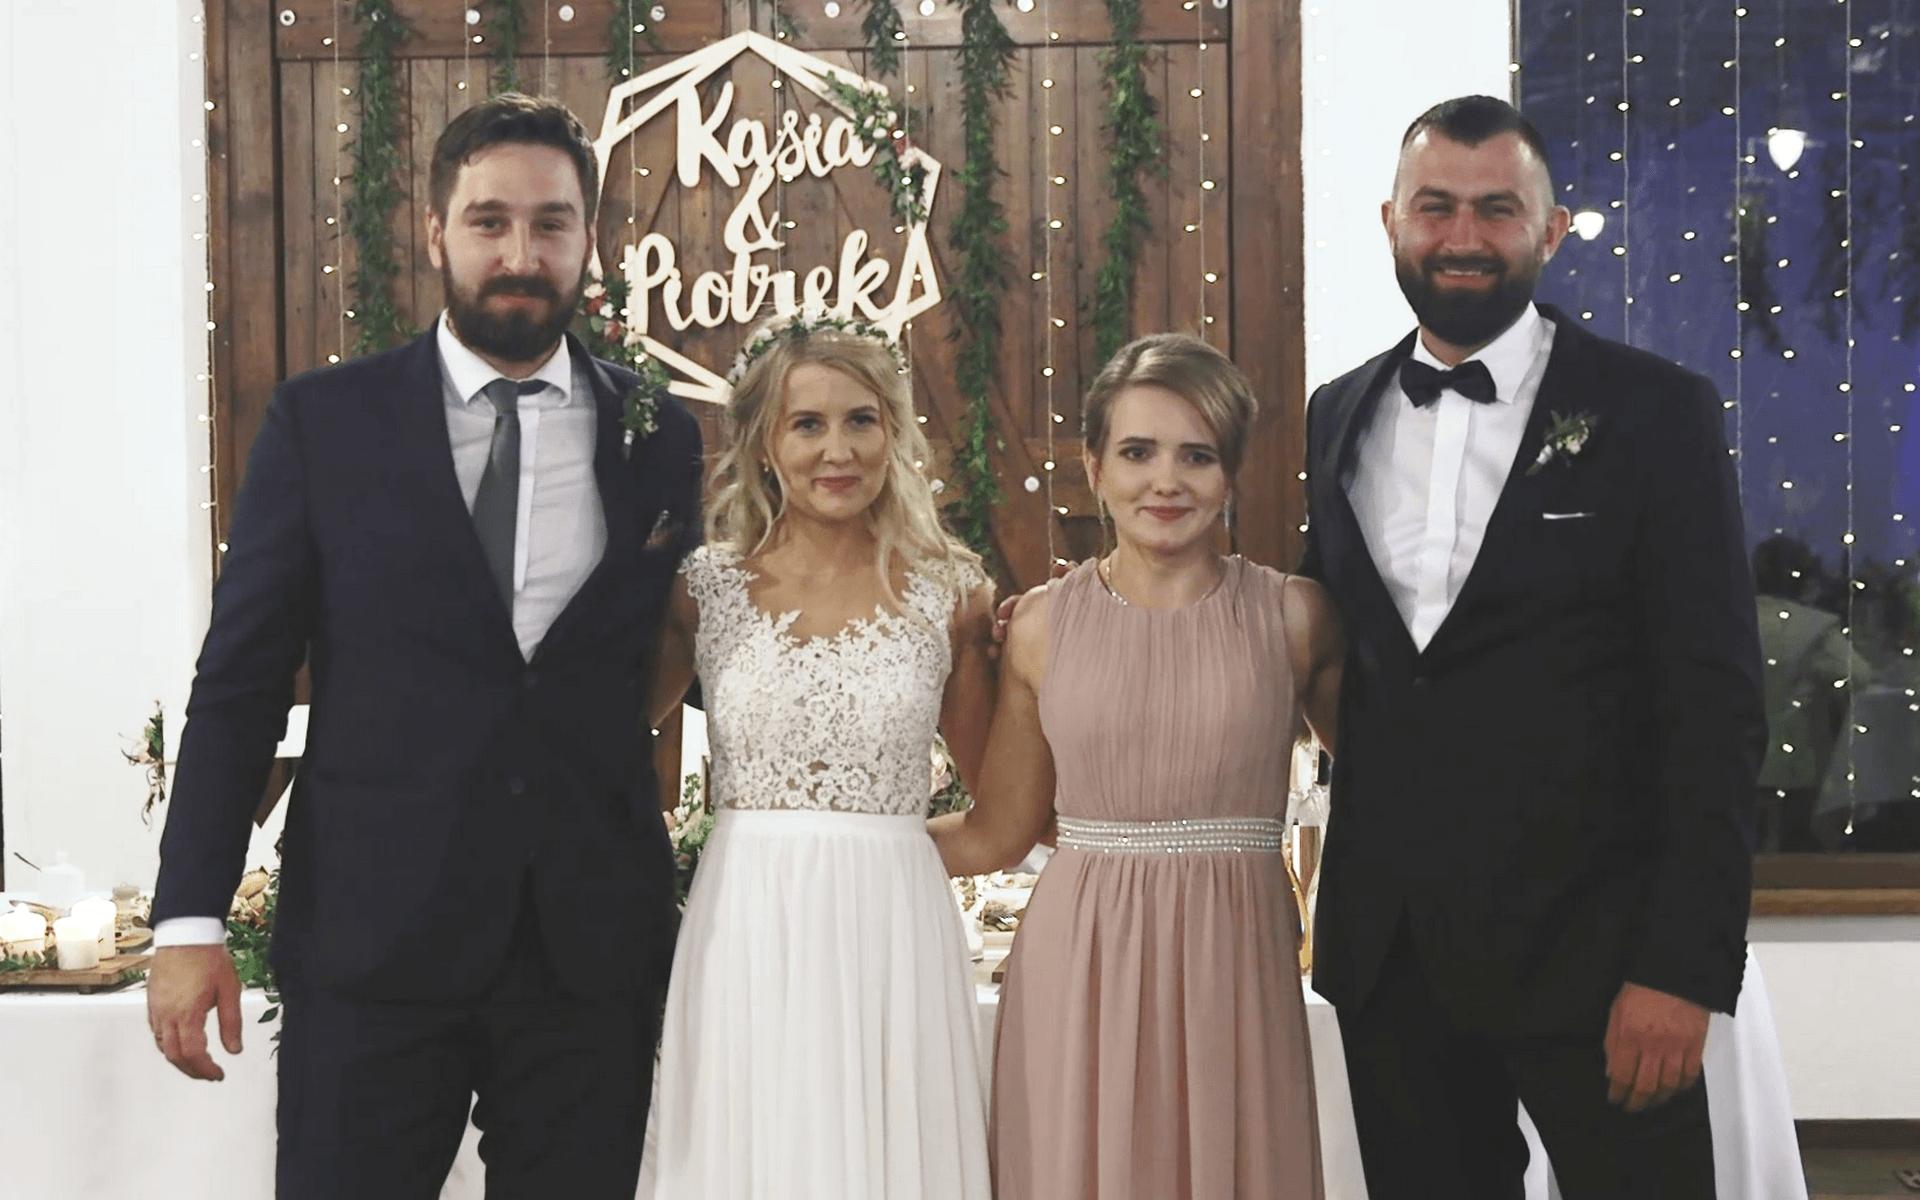 zdjęcia formalne na weselu - czy warto je robić?